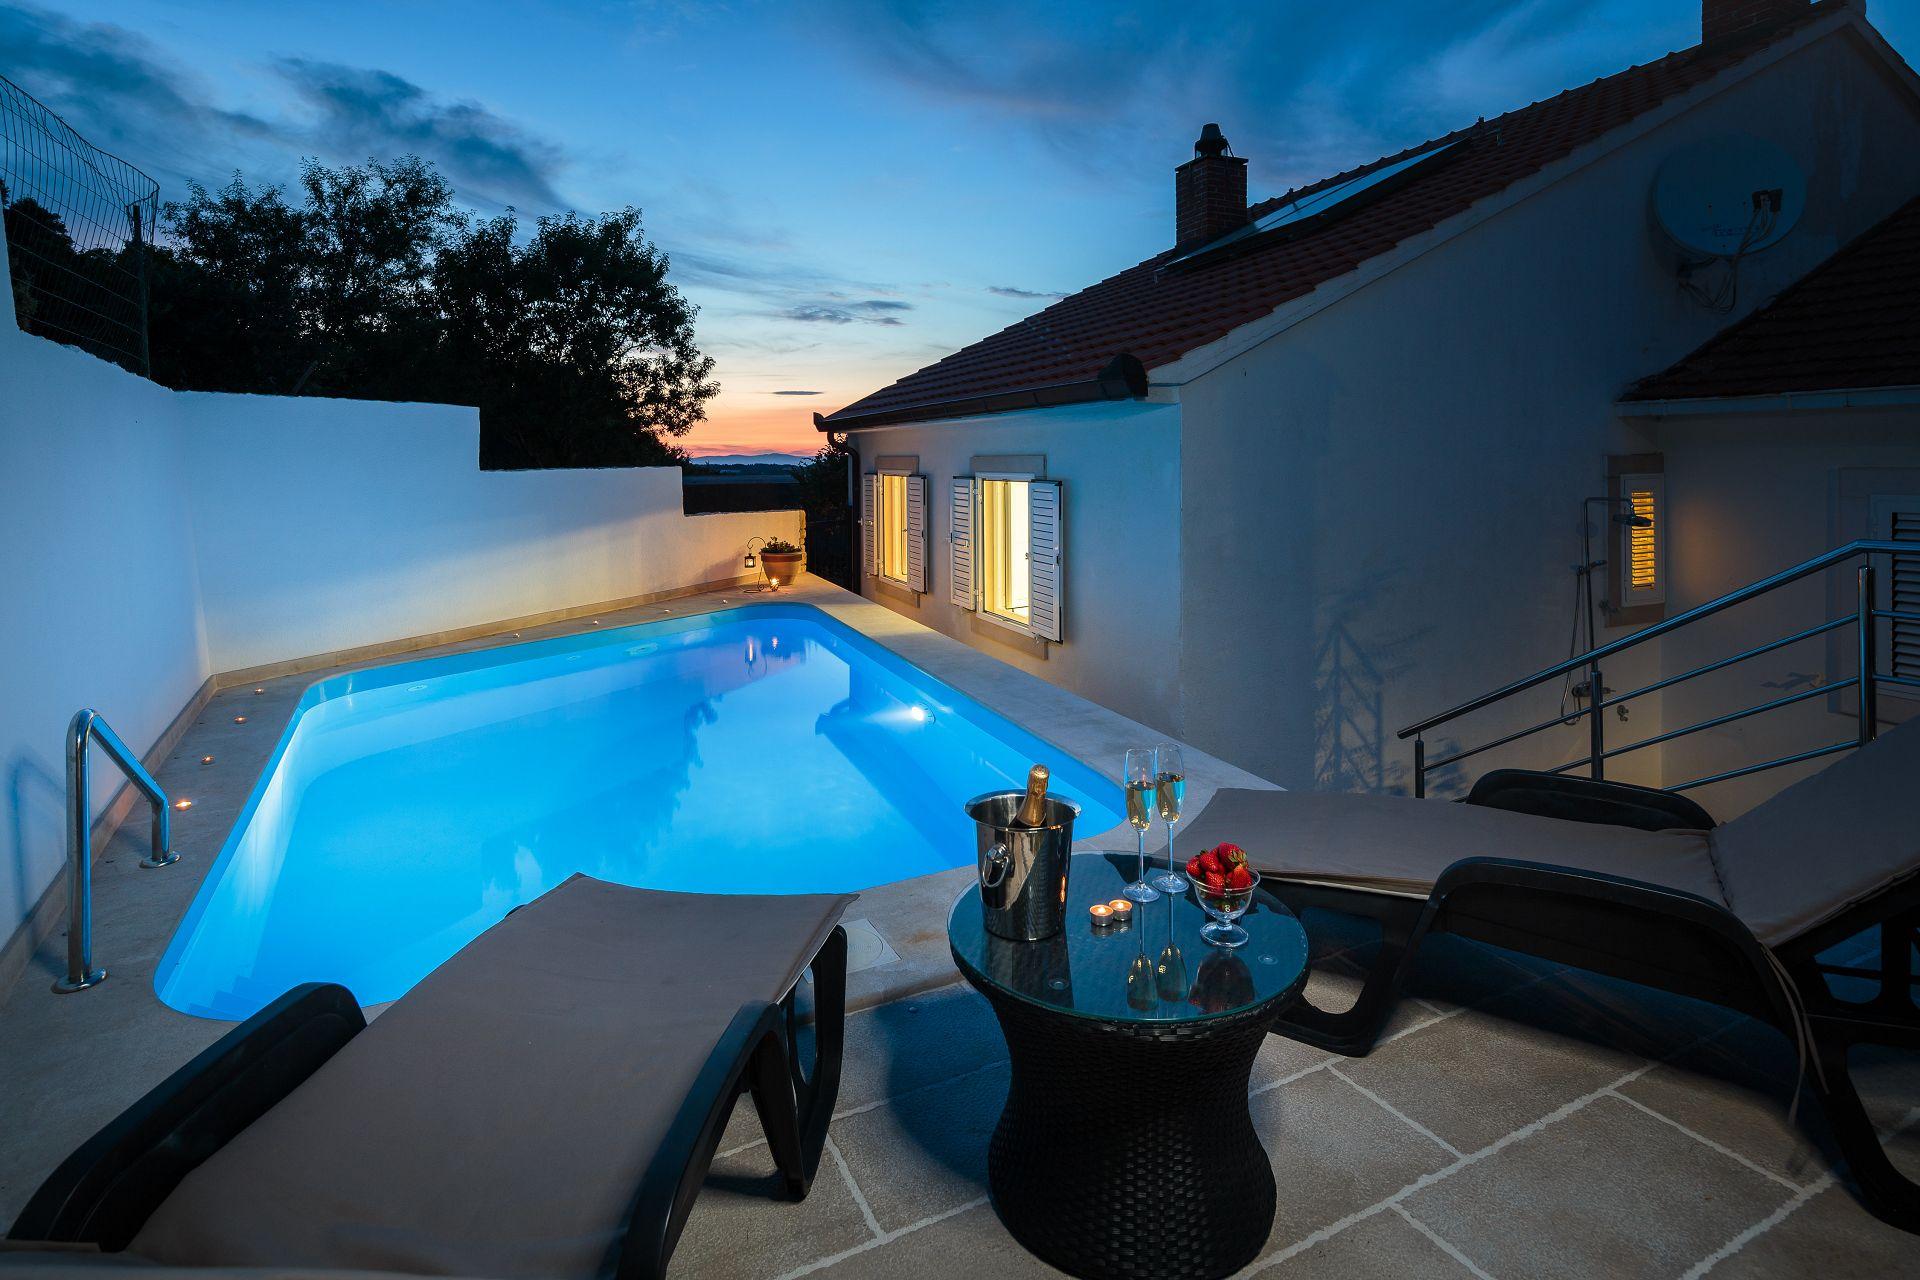 Maison de vacances Andre H(6+2) - Nerezisca (1533099), Nerezisca, Île de Brac, Dalmatie, Croatie, image 1